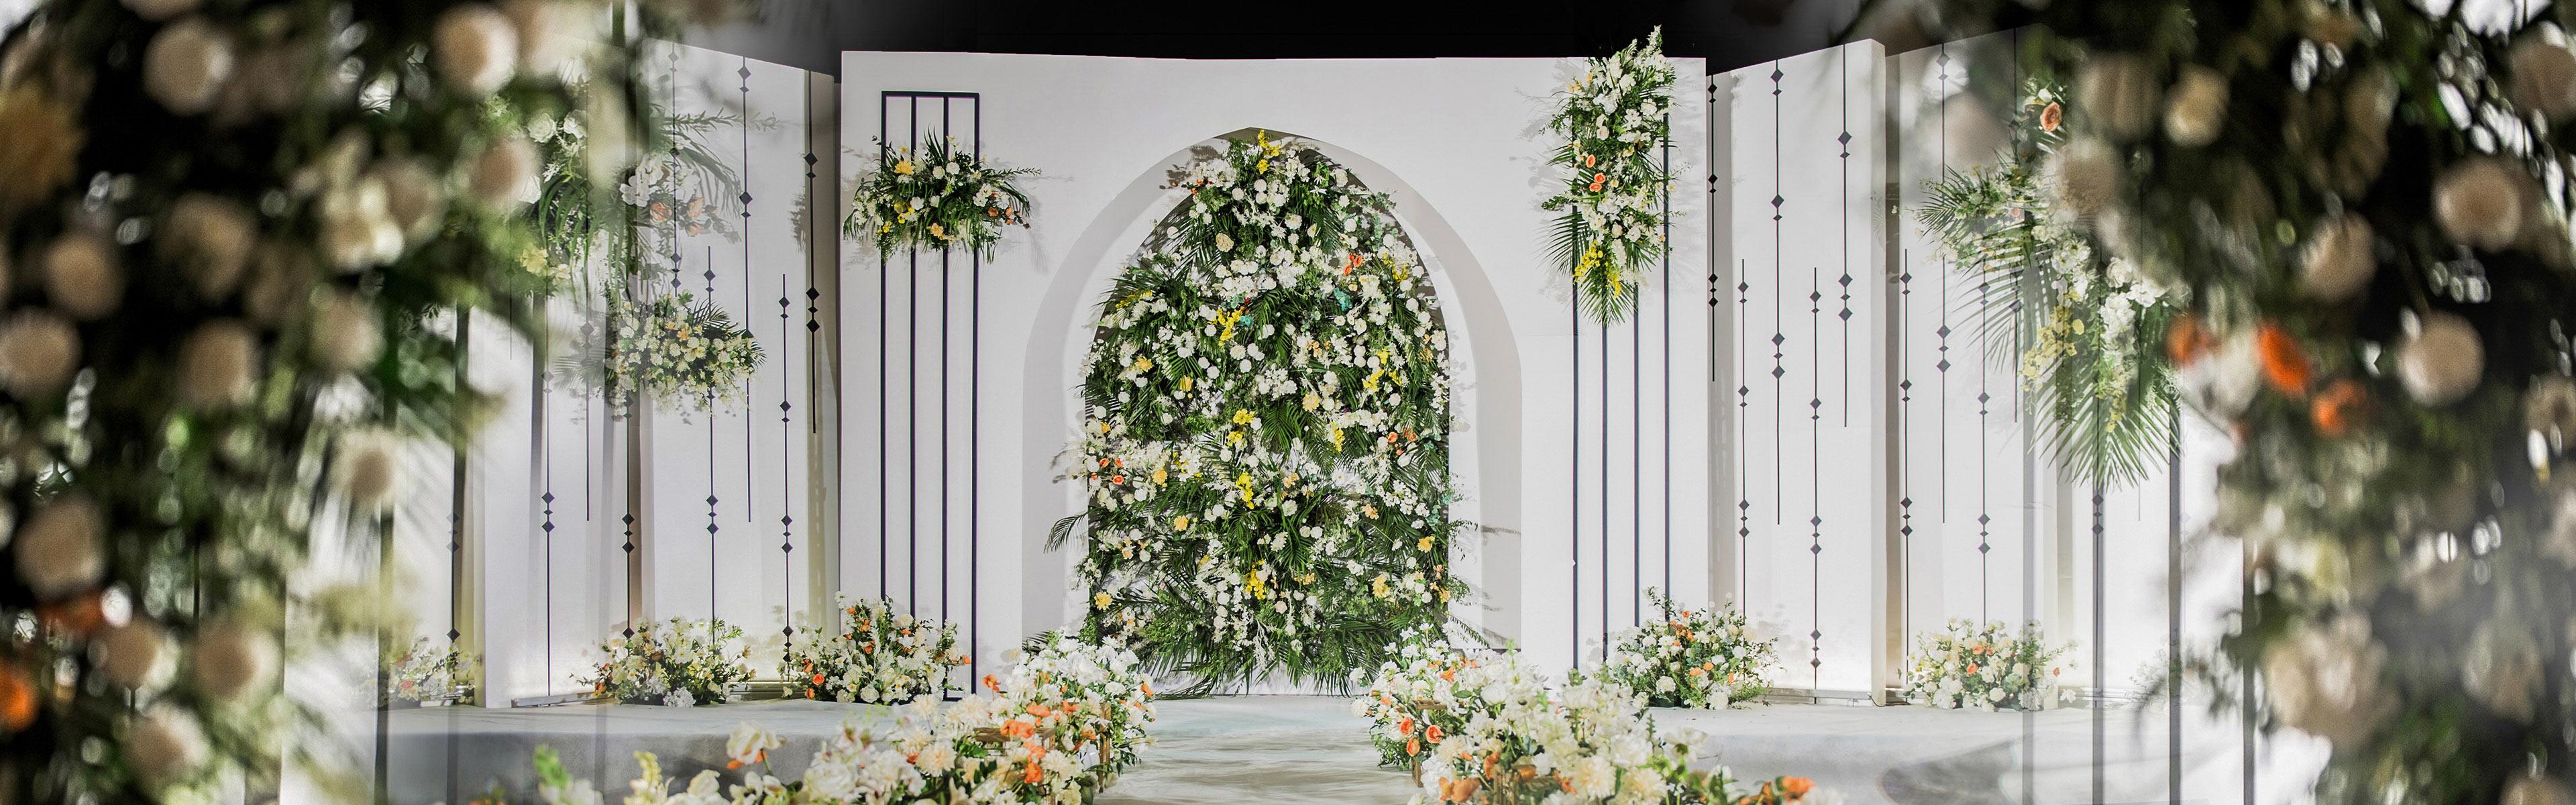 株洲婚庆策划案例:最美婚礼 第12期 | 湖南 长沙